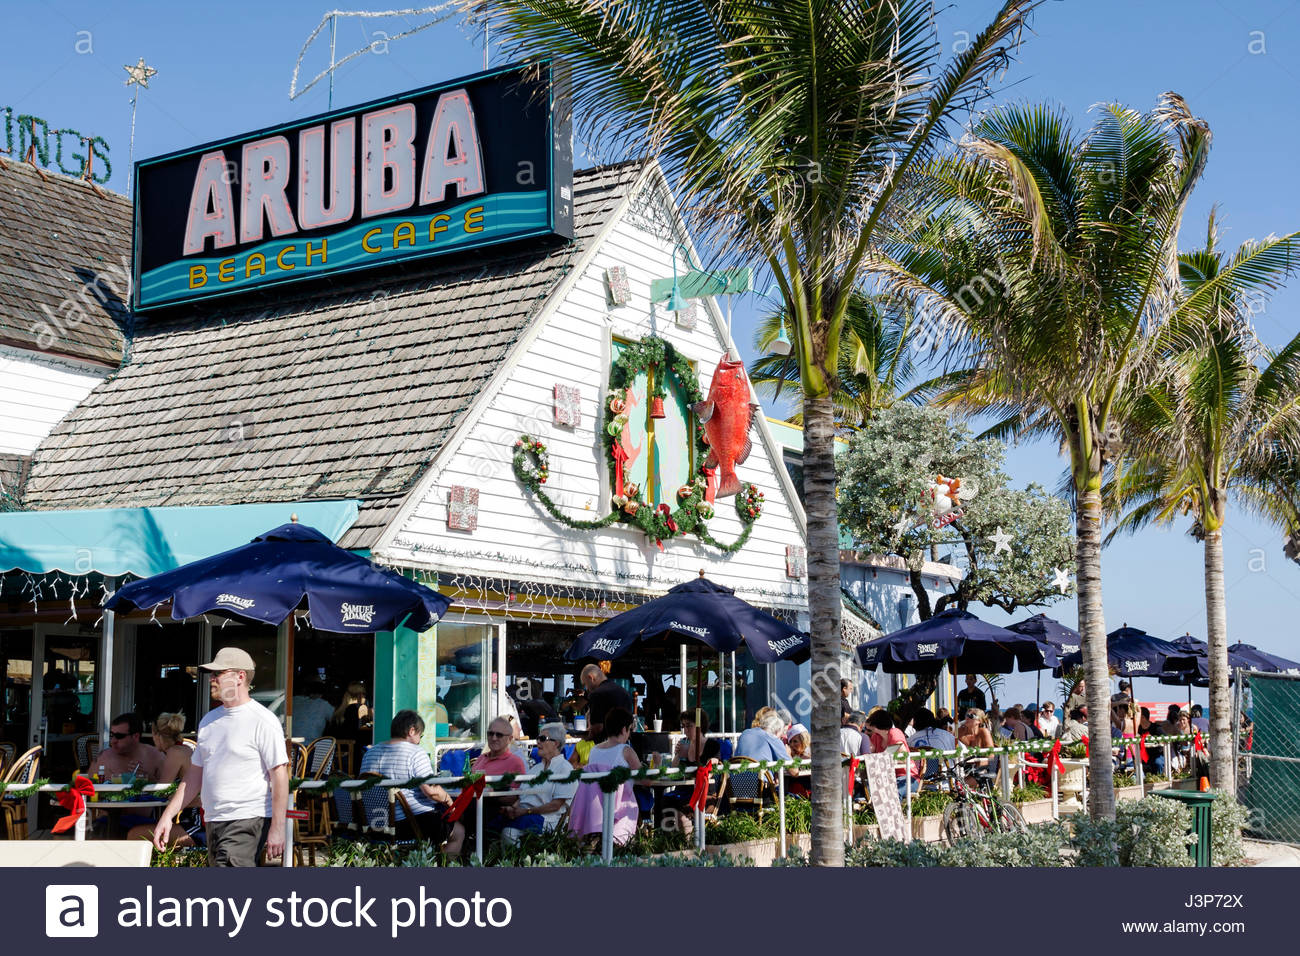 Aruba beach cafe coupons